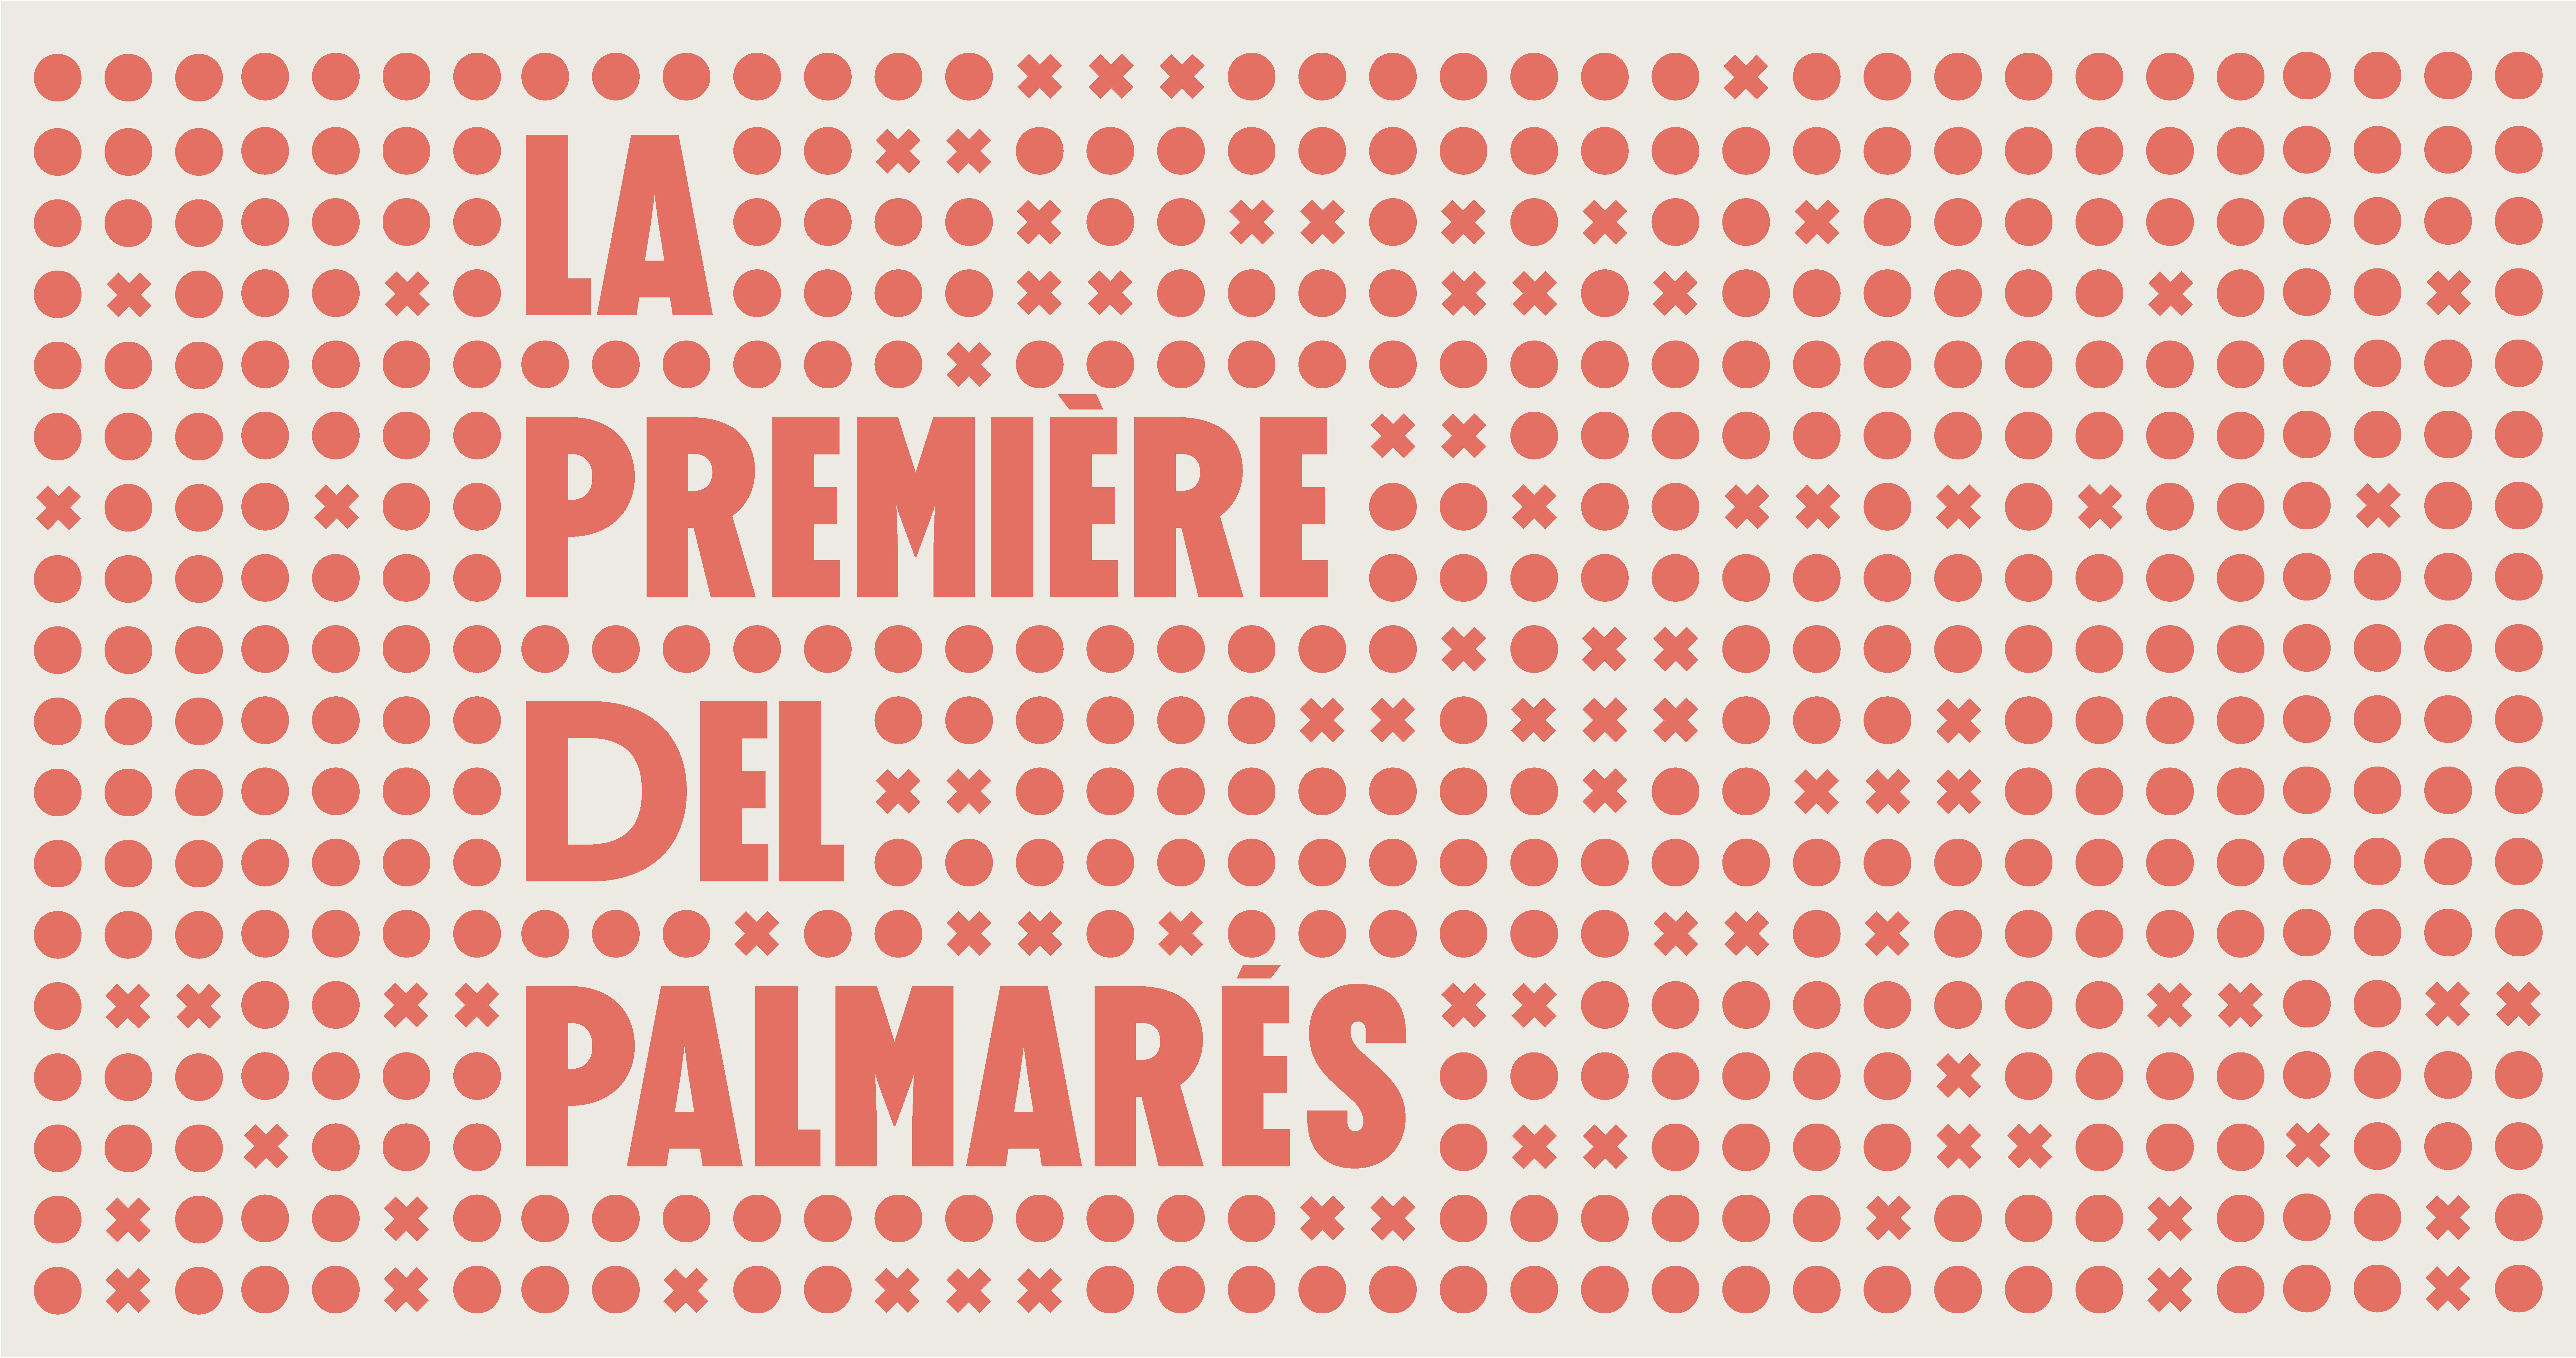 Première del Palmarès